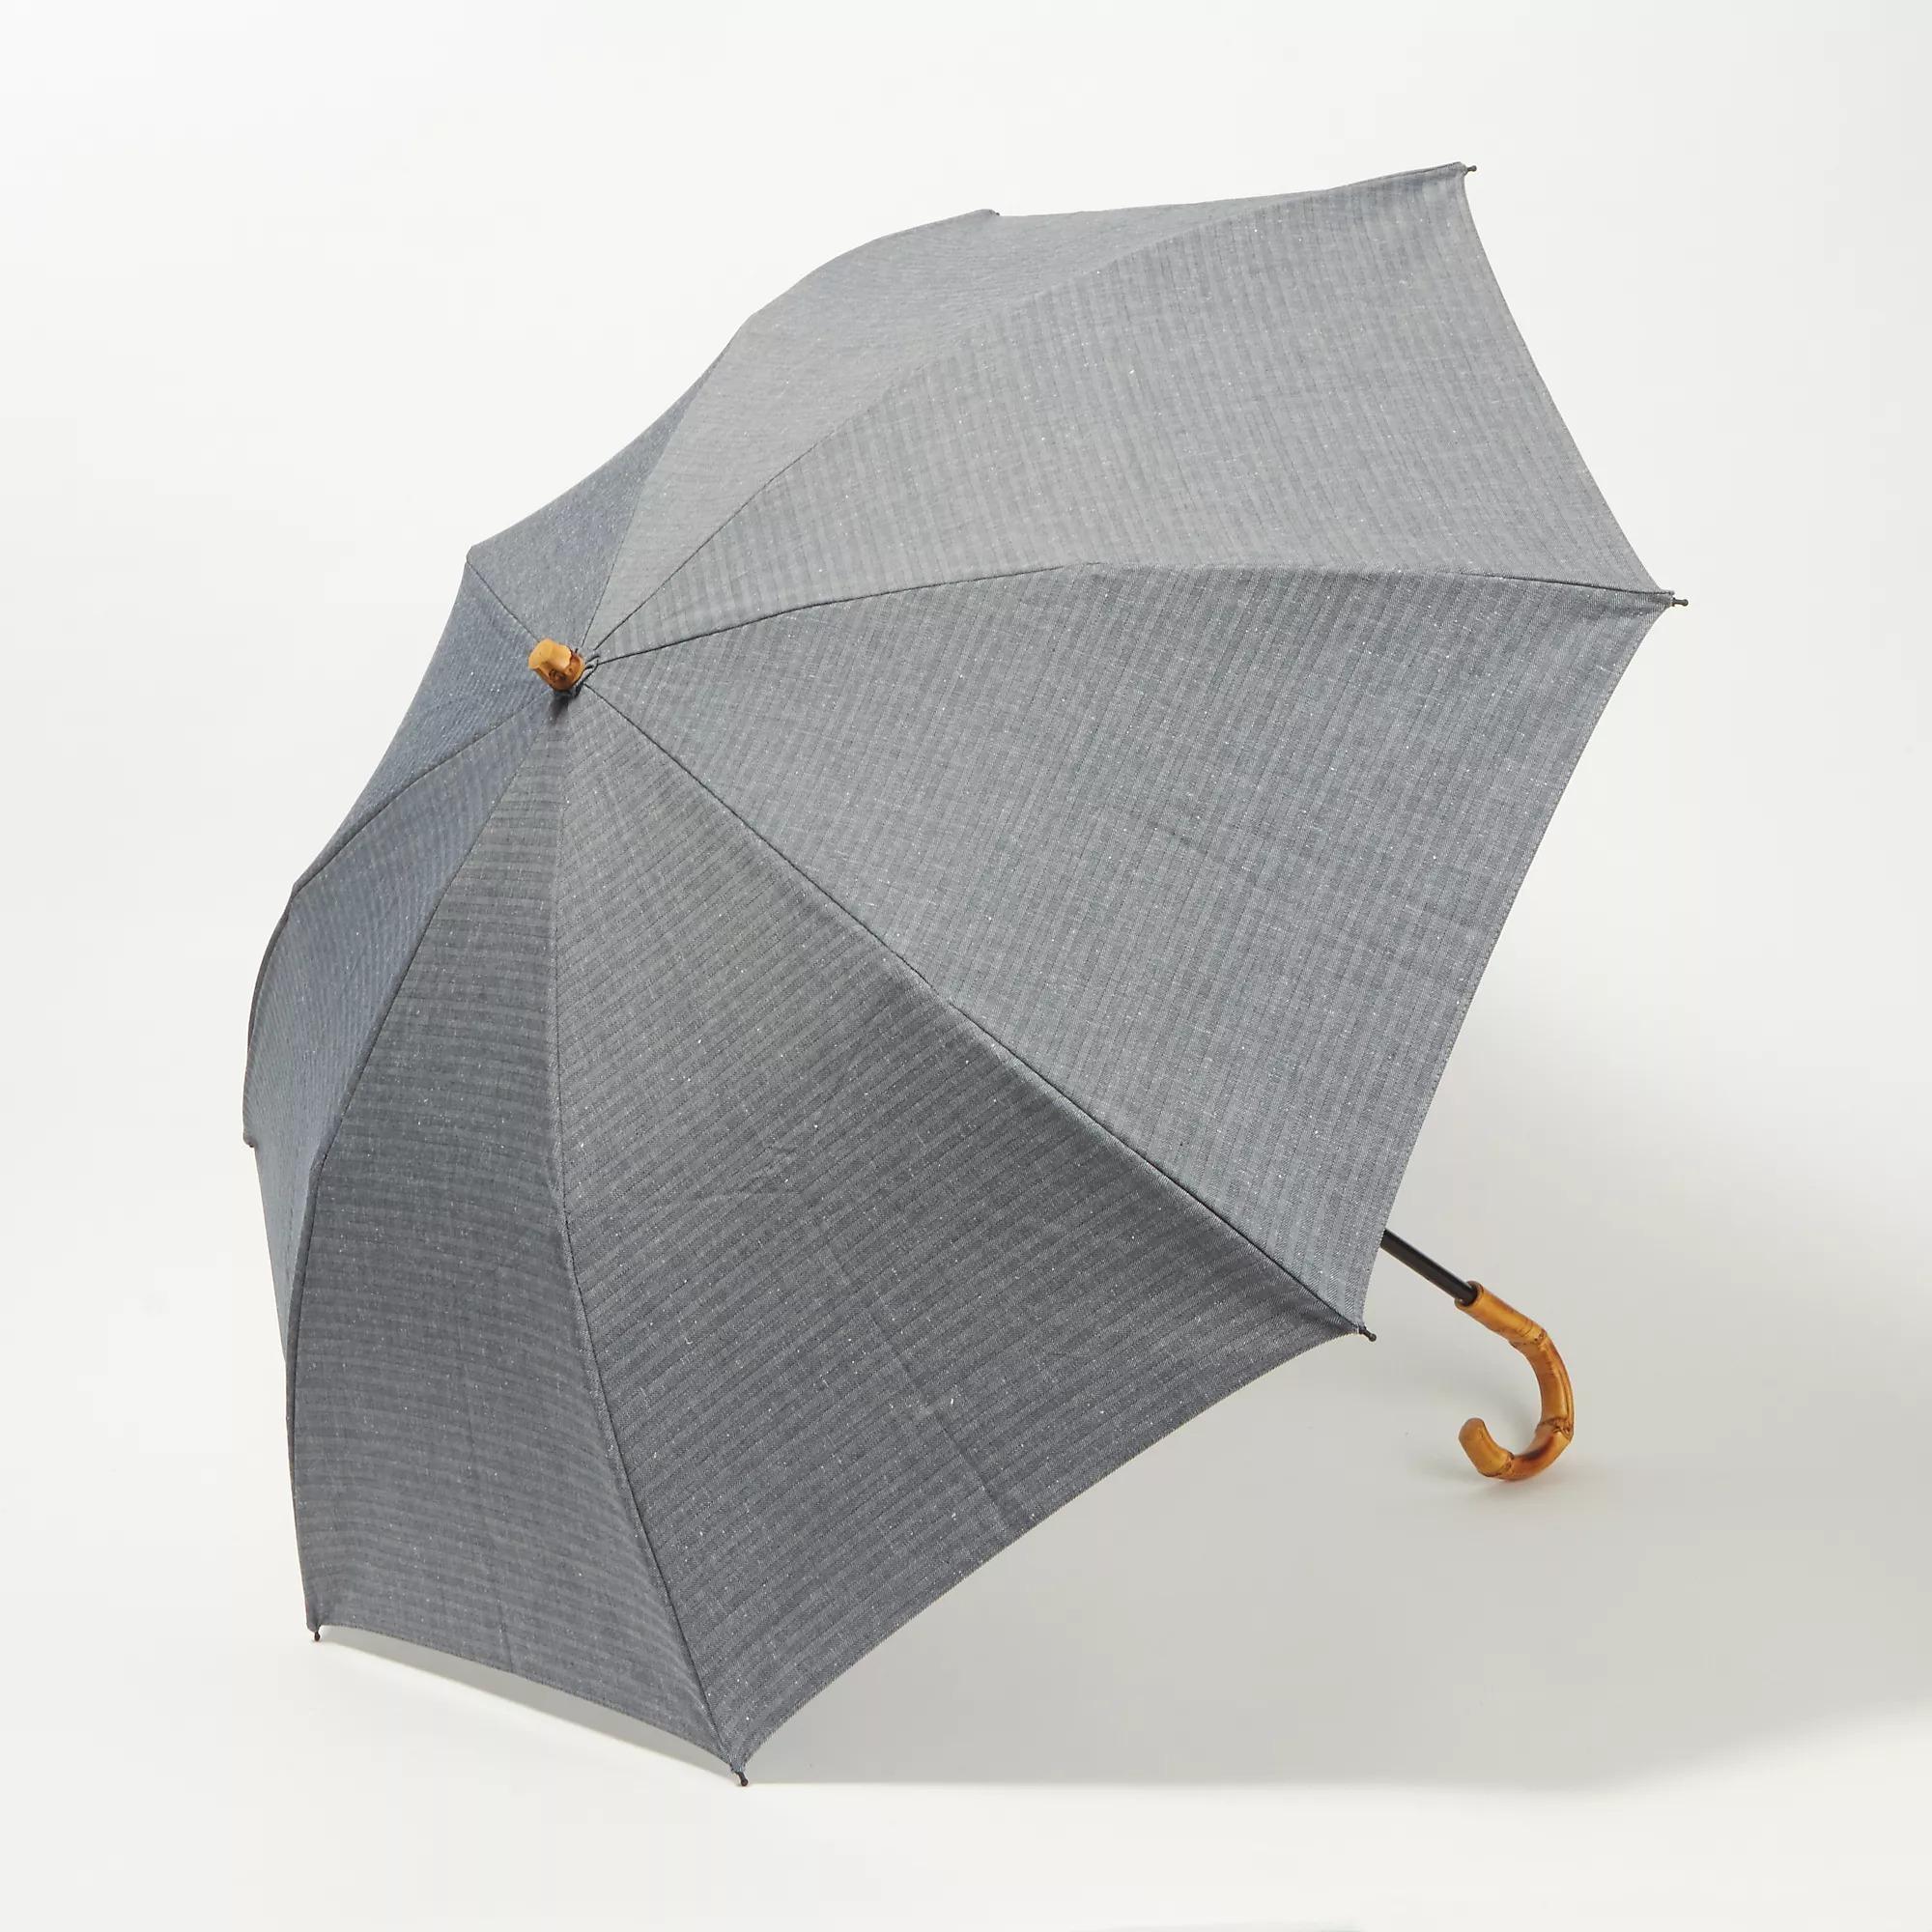 WAKAO ヘリンボーン晴雨兼用二つ折り傘 ¥14,300